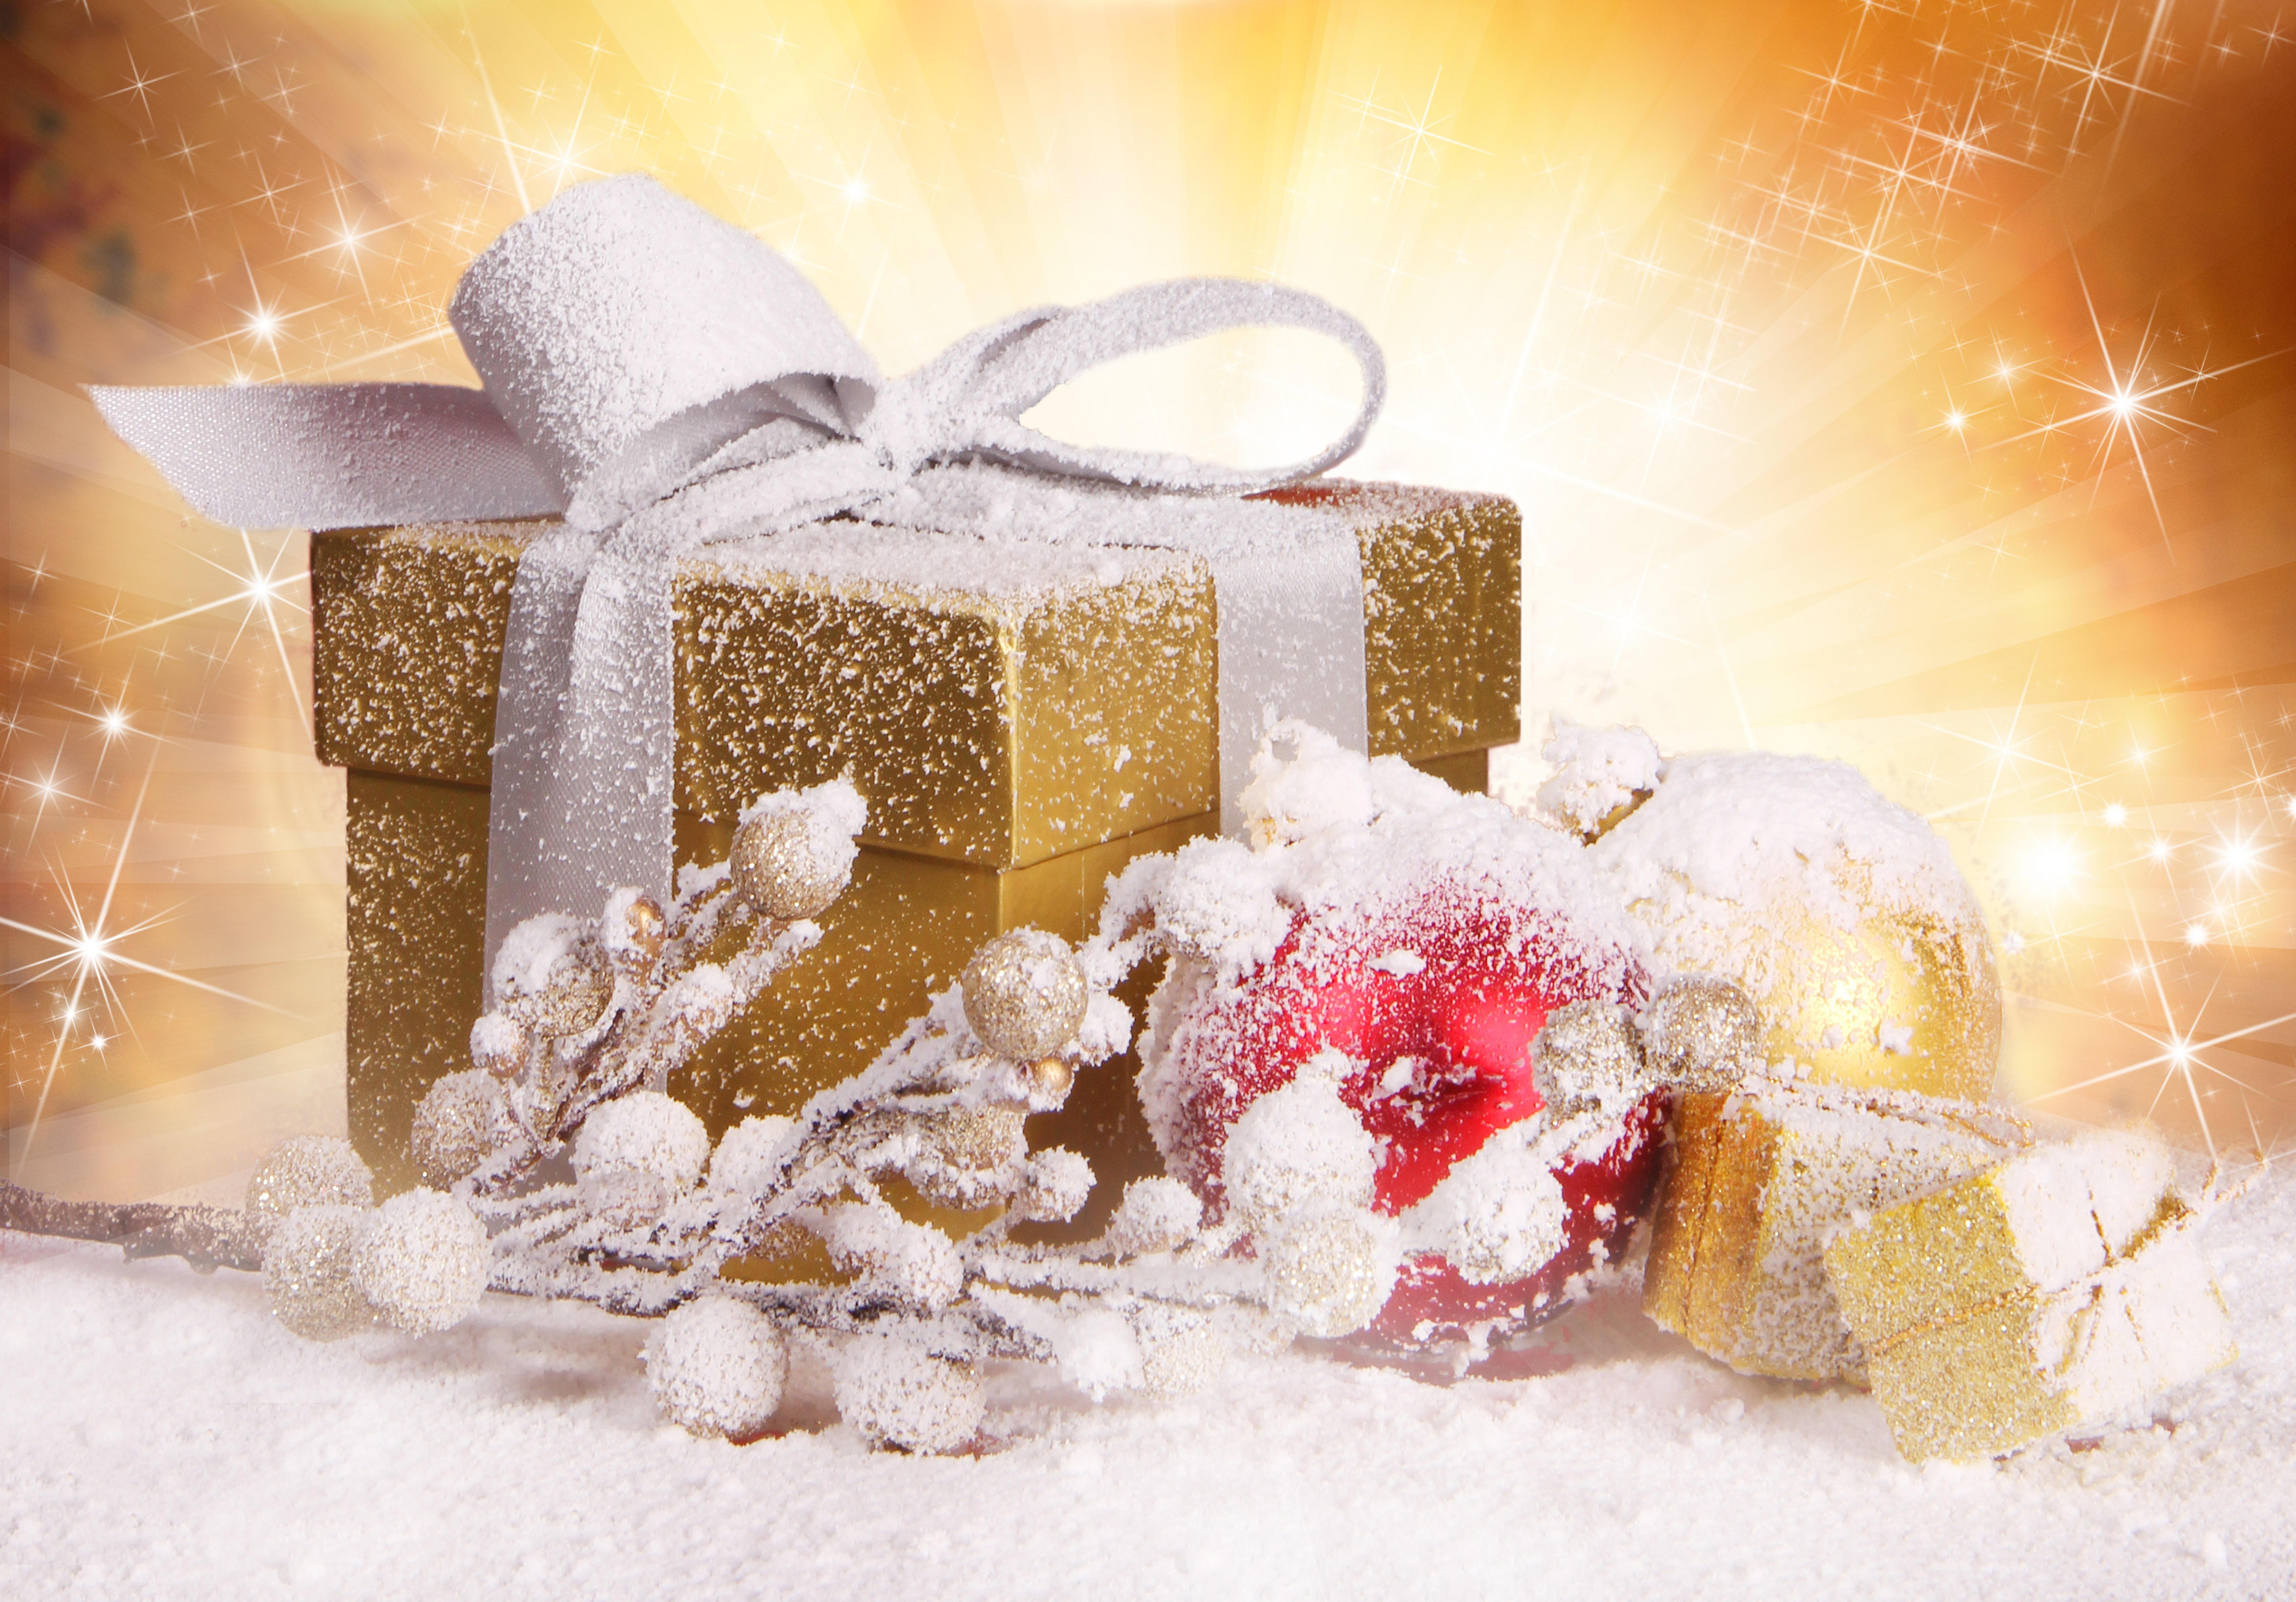 Счастье нам всем в новом году